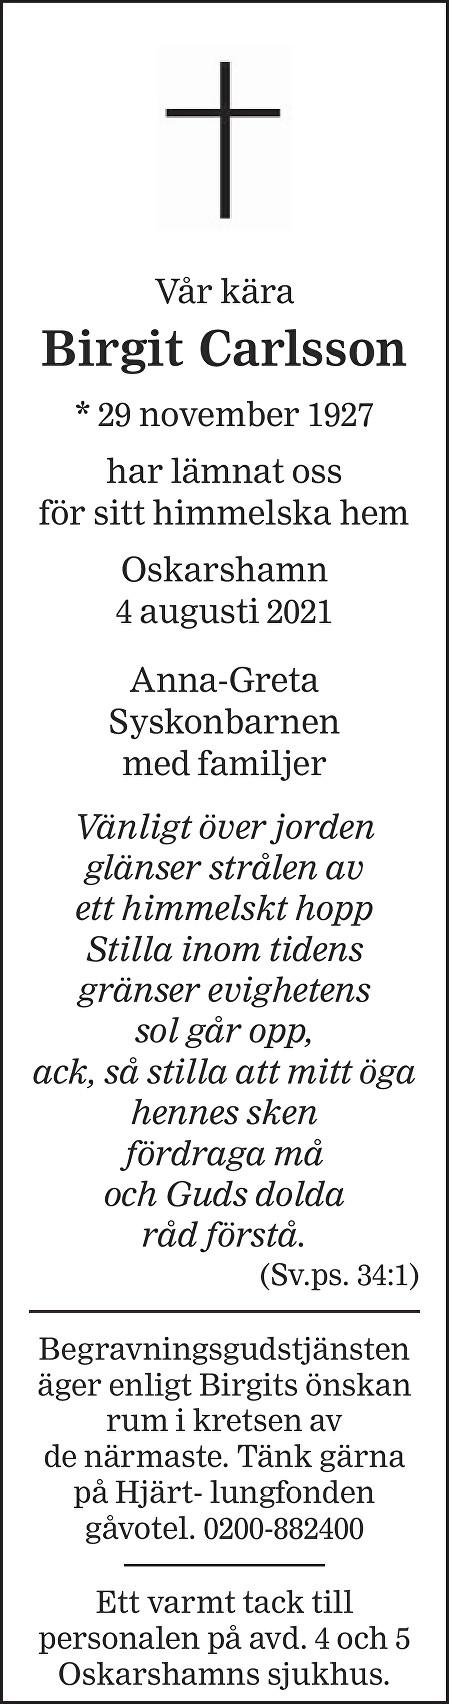 Birgit Carlsson Death notice